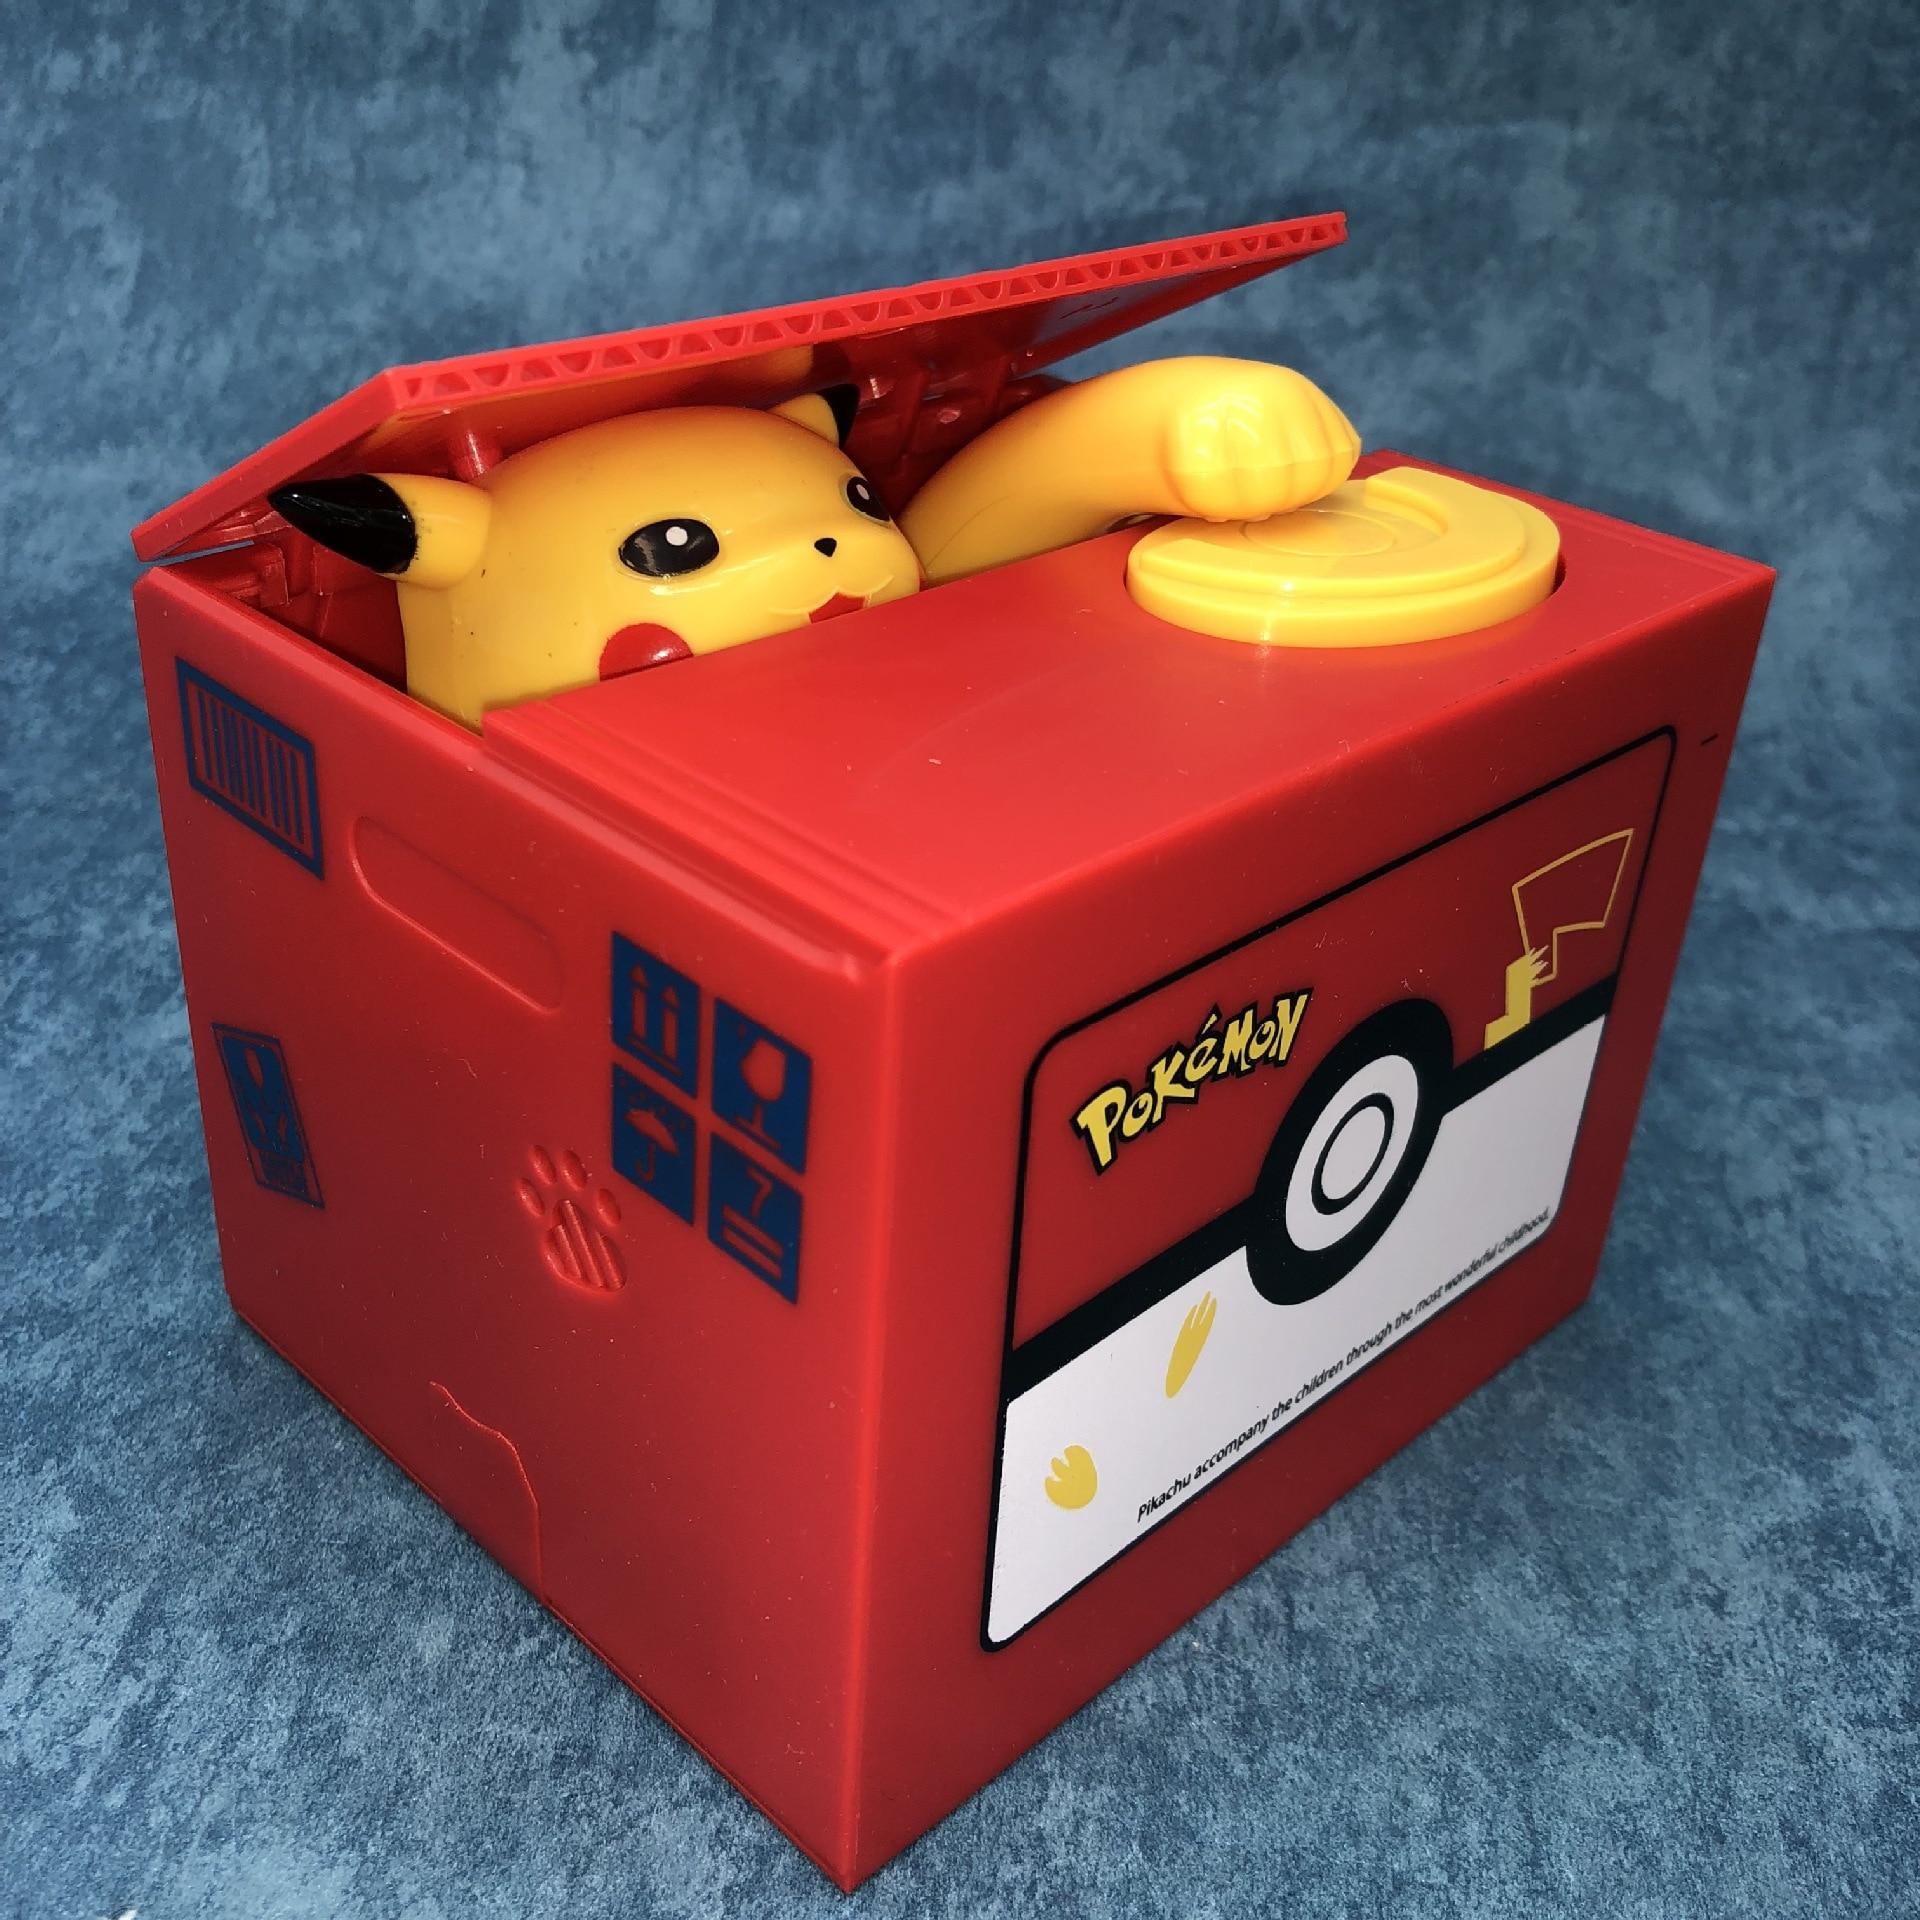 Высокое качество Электронная коробка для денег с изображением покемона Пикачу, свинья-копилка для украсть Монета автоматически для детей на день рождения, рождественский подарок